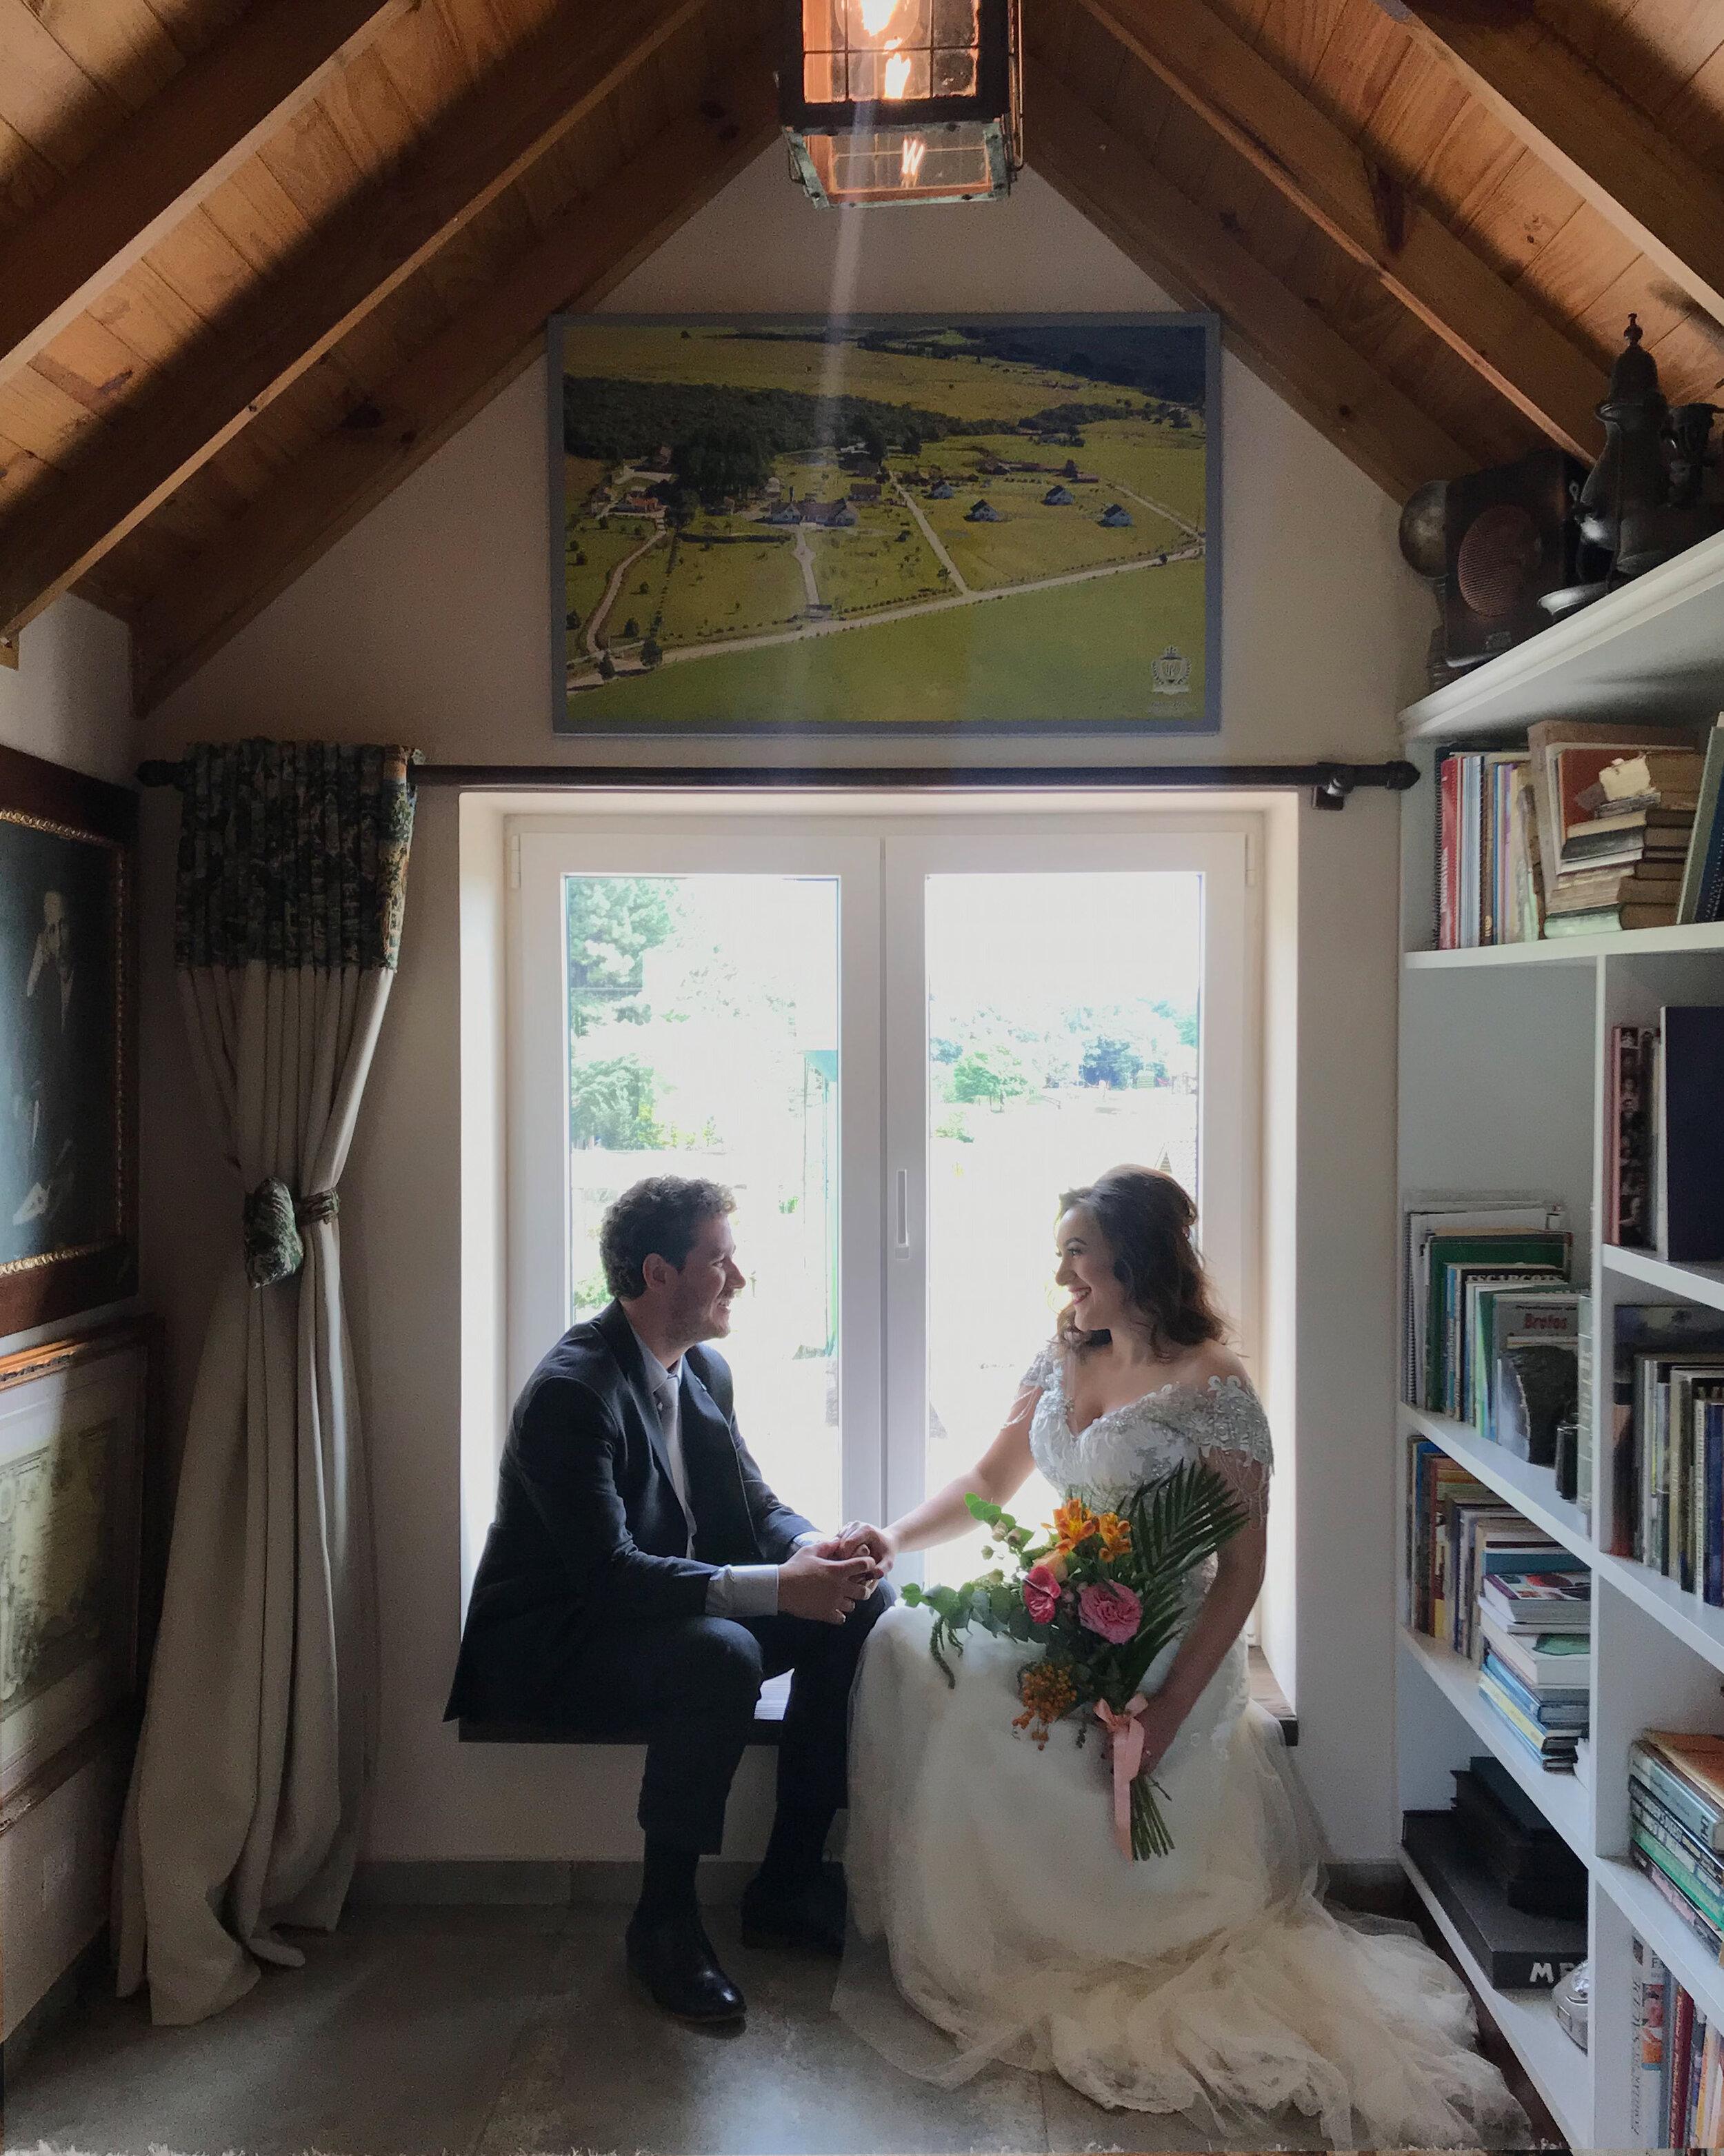 casamento antes.jpg